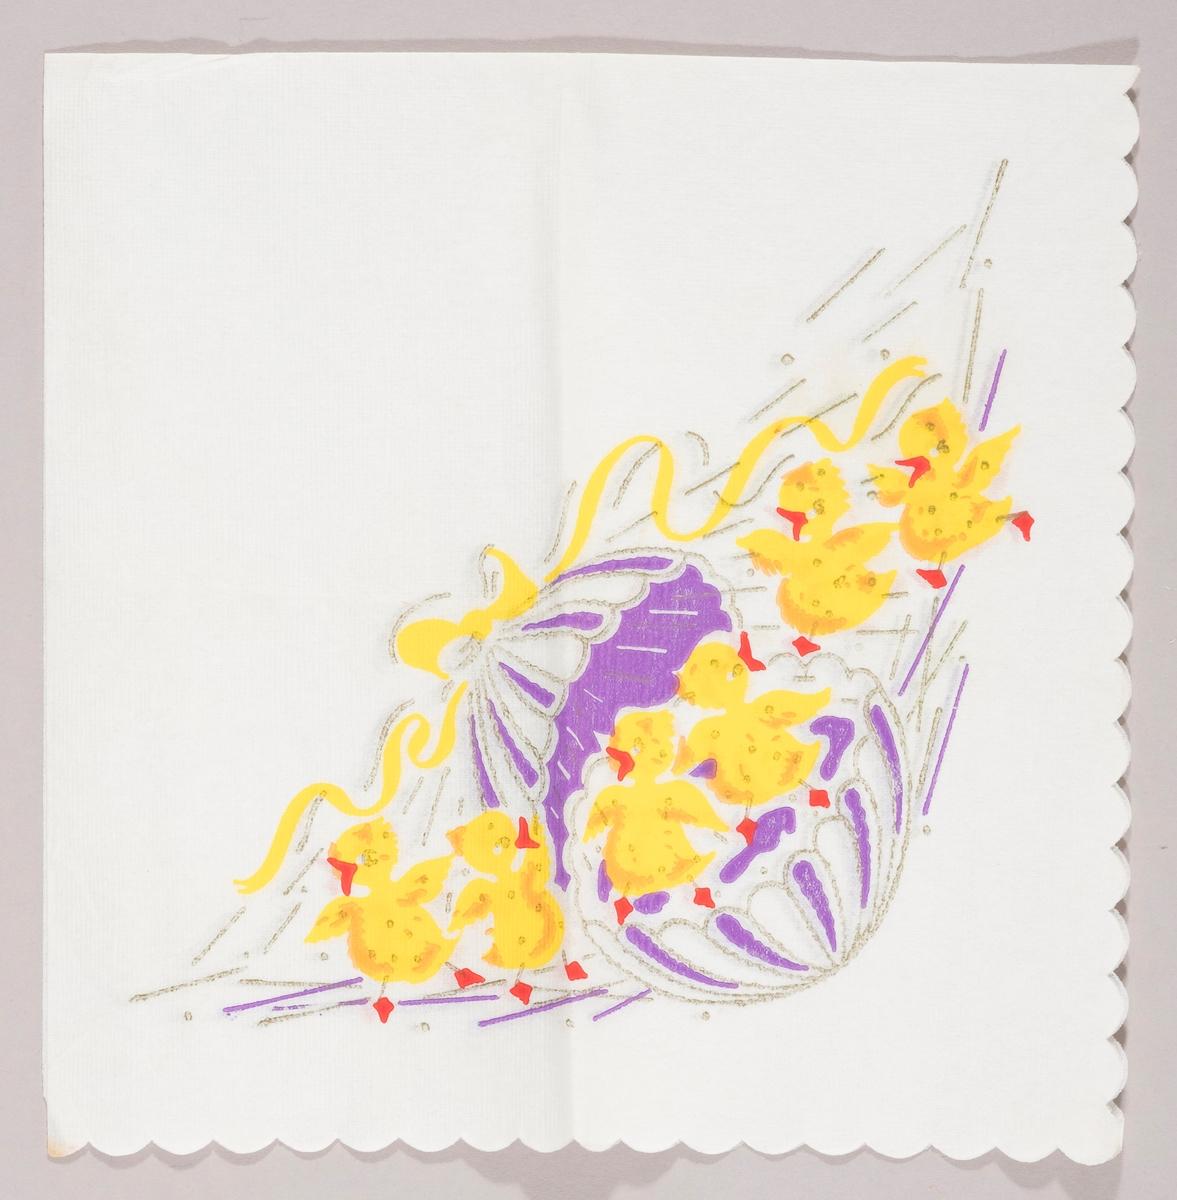 Et stort lilla og hvitstripet påskeegg er åpent på midten. To kyllinger står i påskeegget og fire andre kyllinger står utenfor. En stor gul sløyfe er plassert øverst på påskeegget.